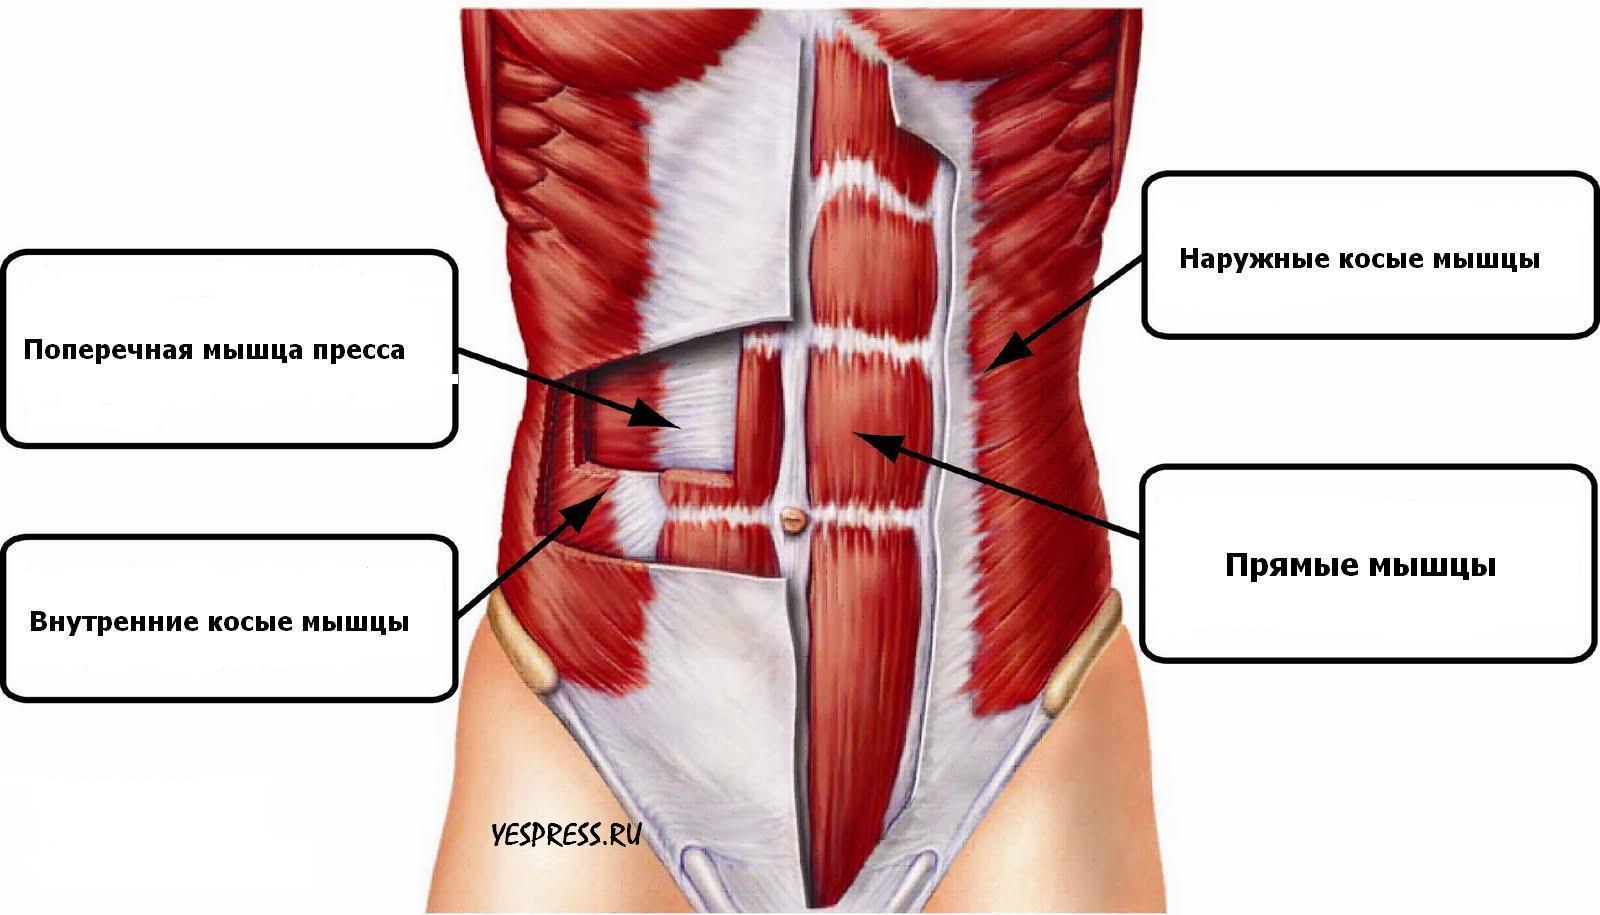 Абдоминальные мышцы  Домашний спорт